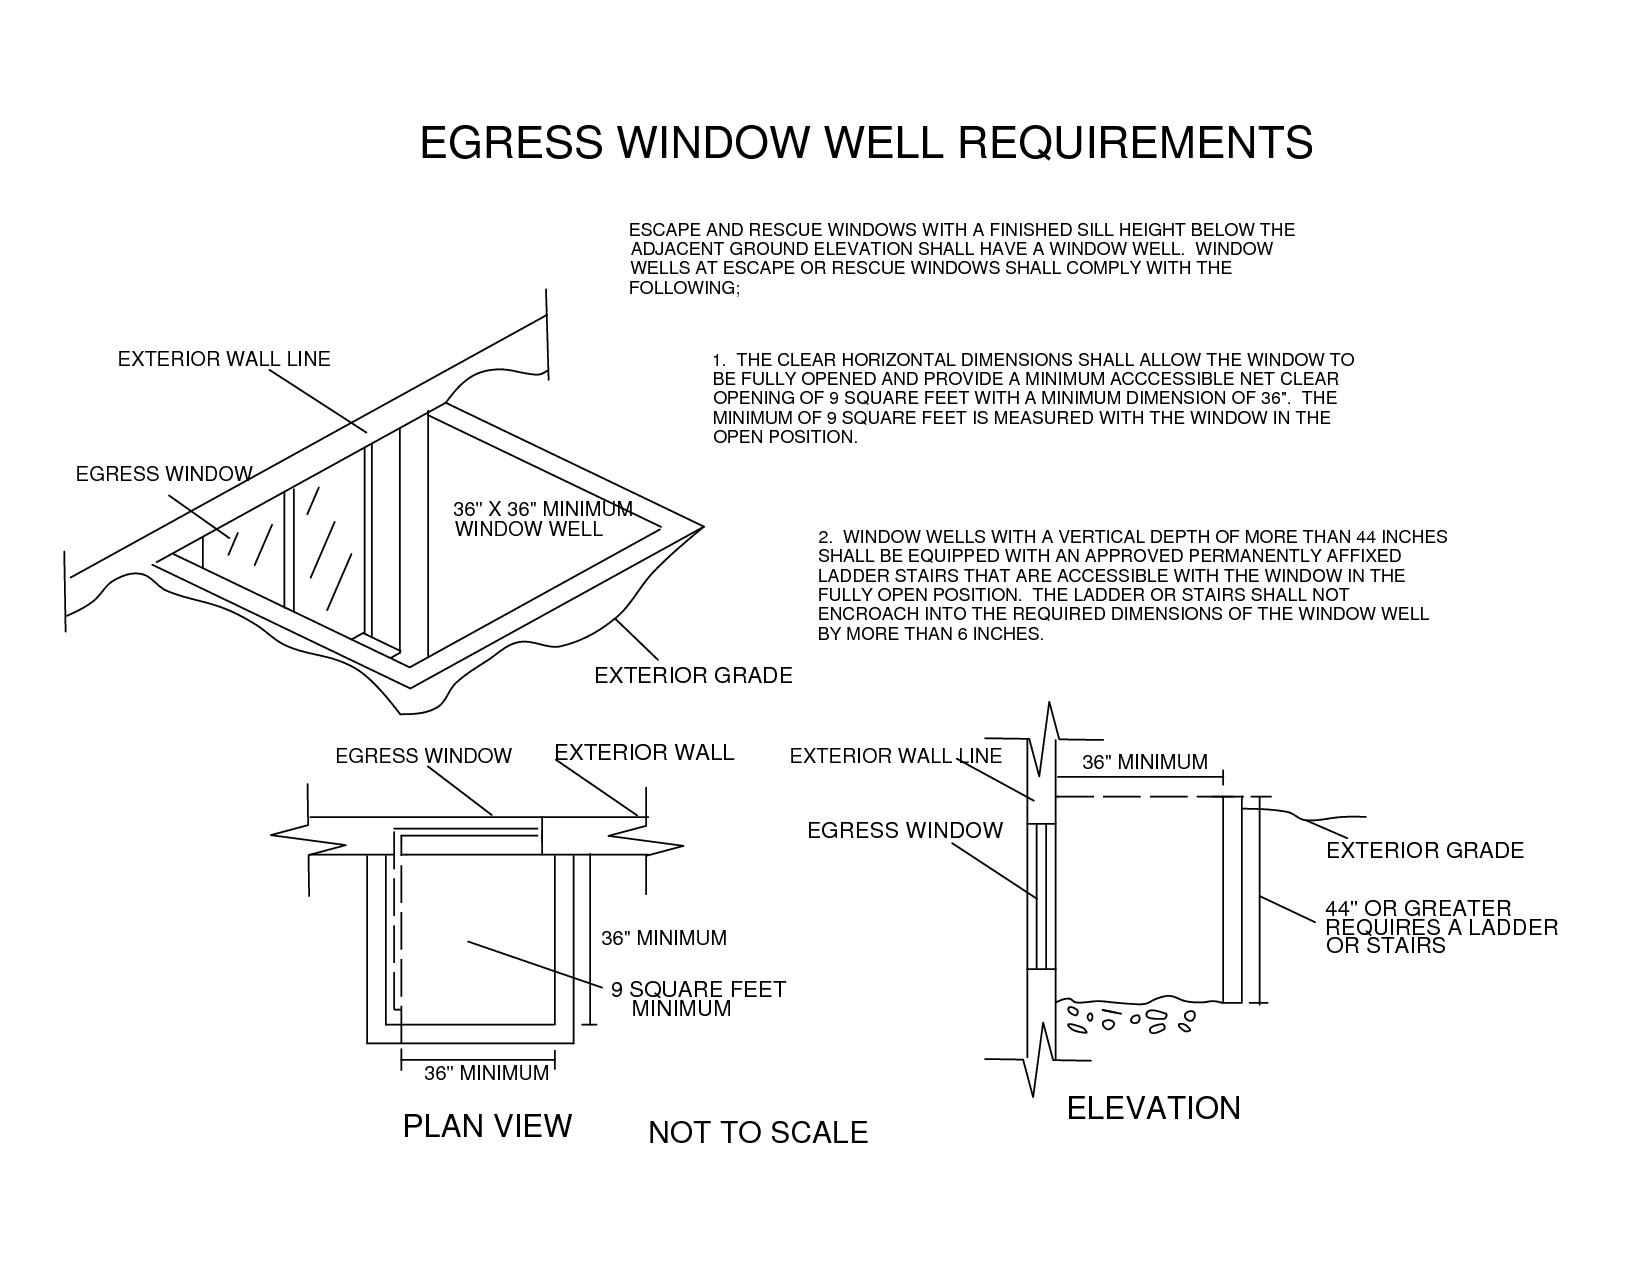 Egress Window Requirements 28 Images Egress Window Egress Window Egress Window Well Window Well